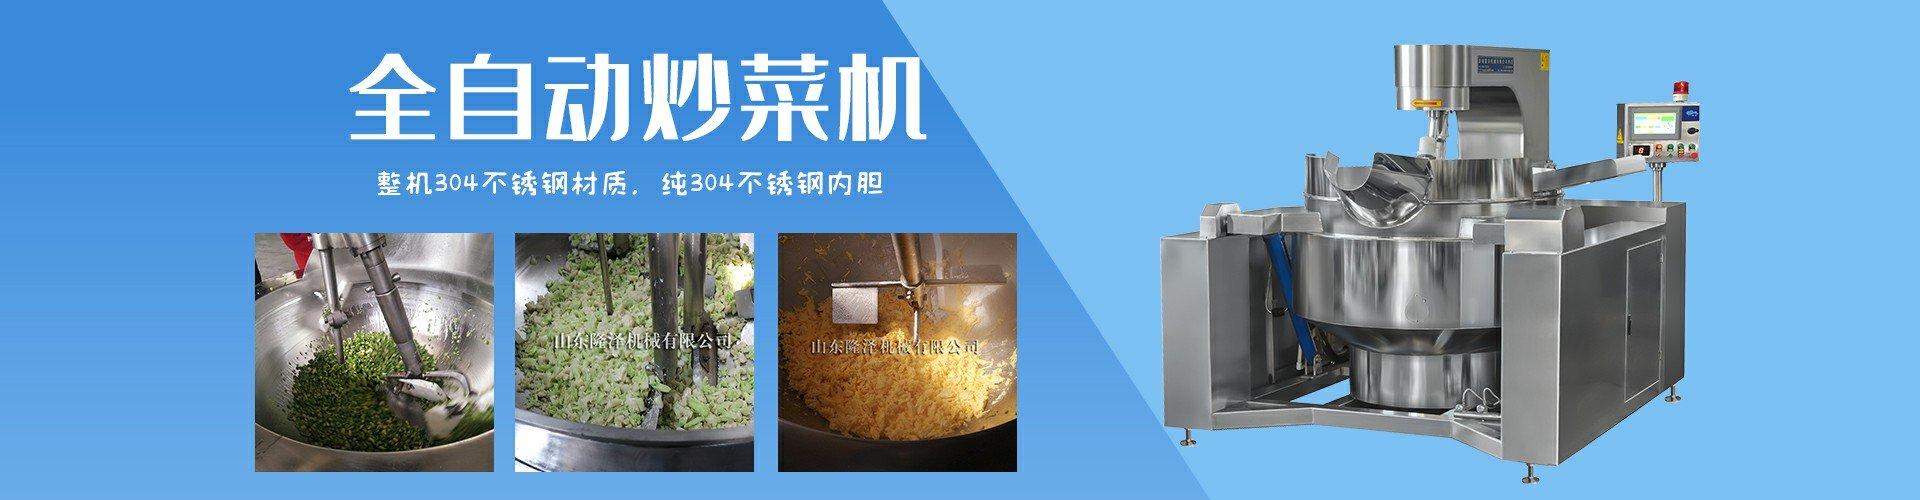 全自动大型学校食堂炒菜机器